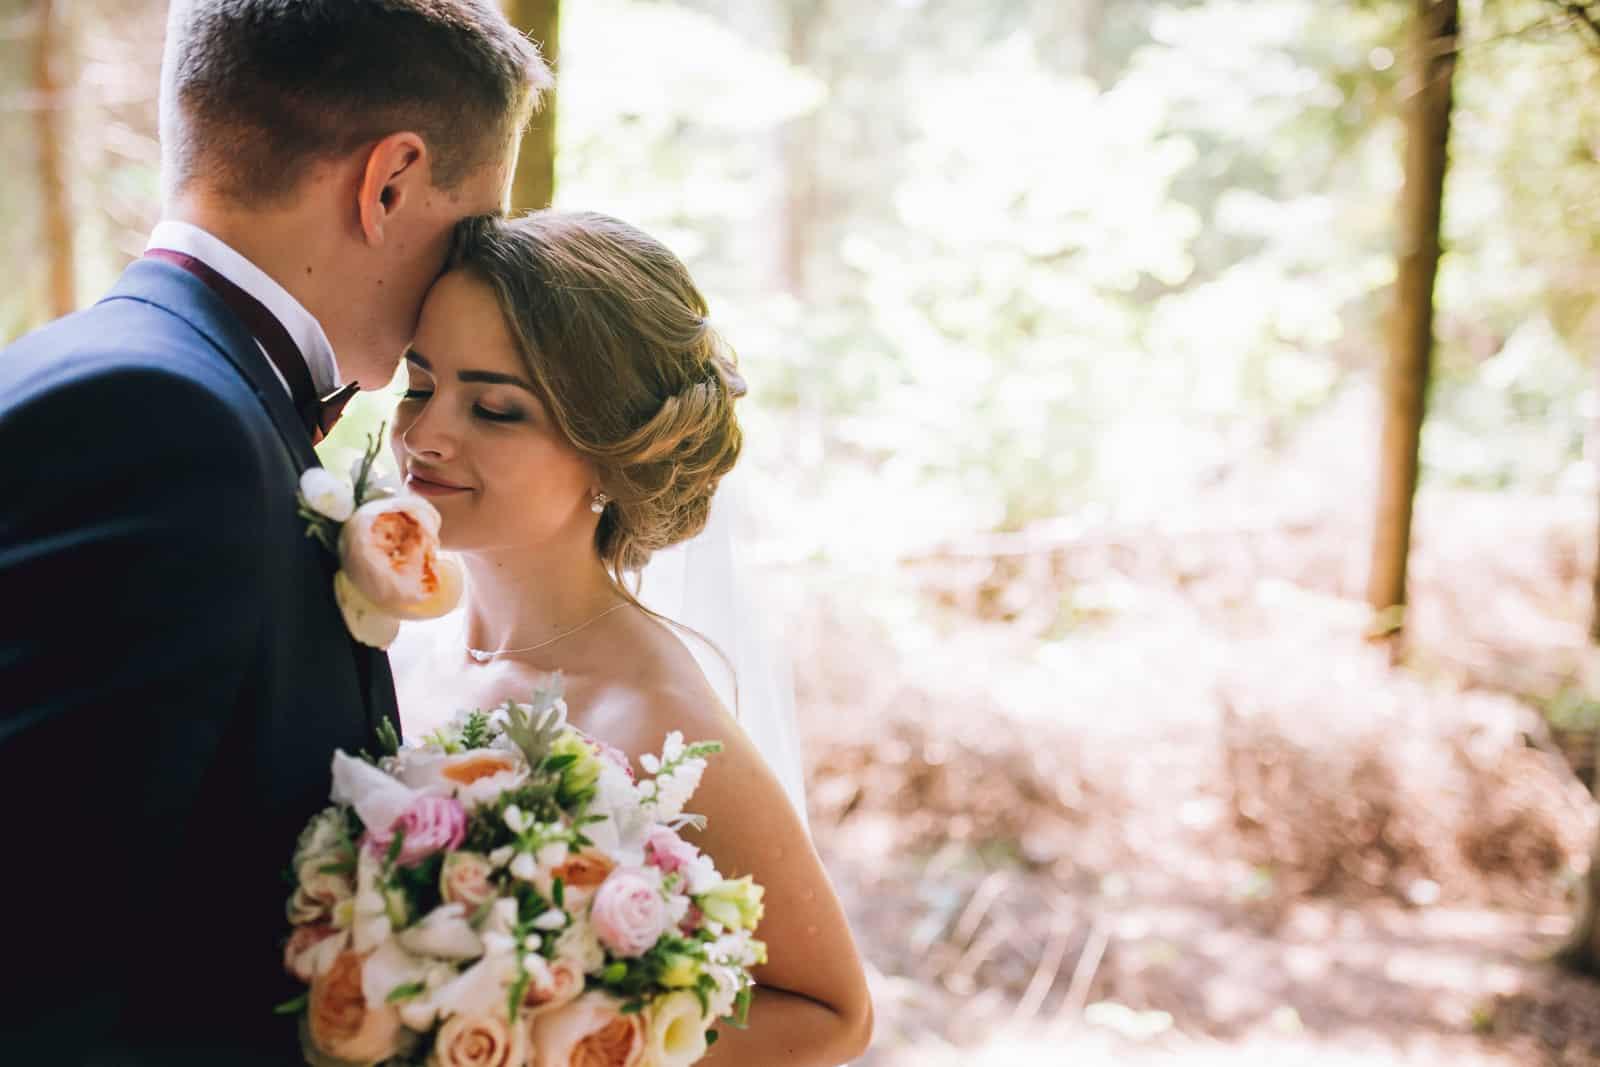 Der Bräutigam küsst die Braut auf die Stirn (2)